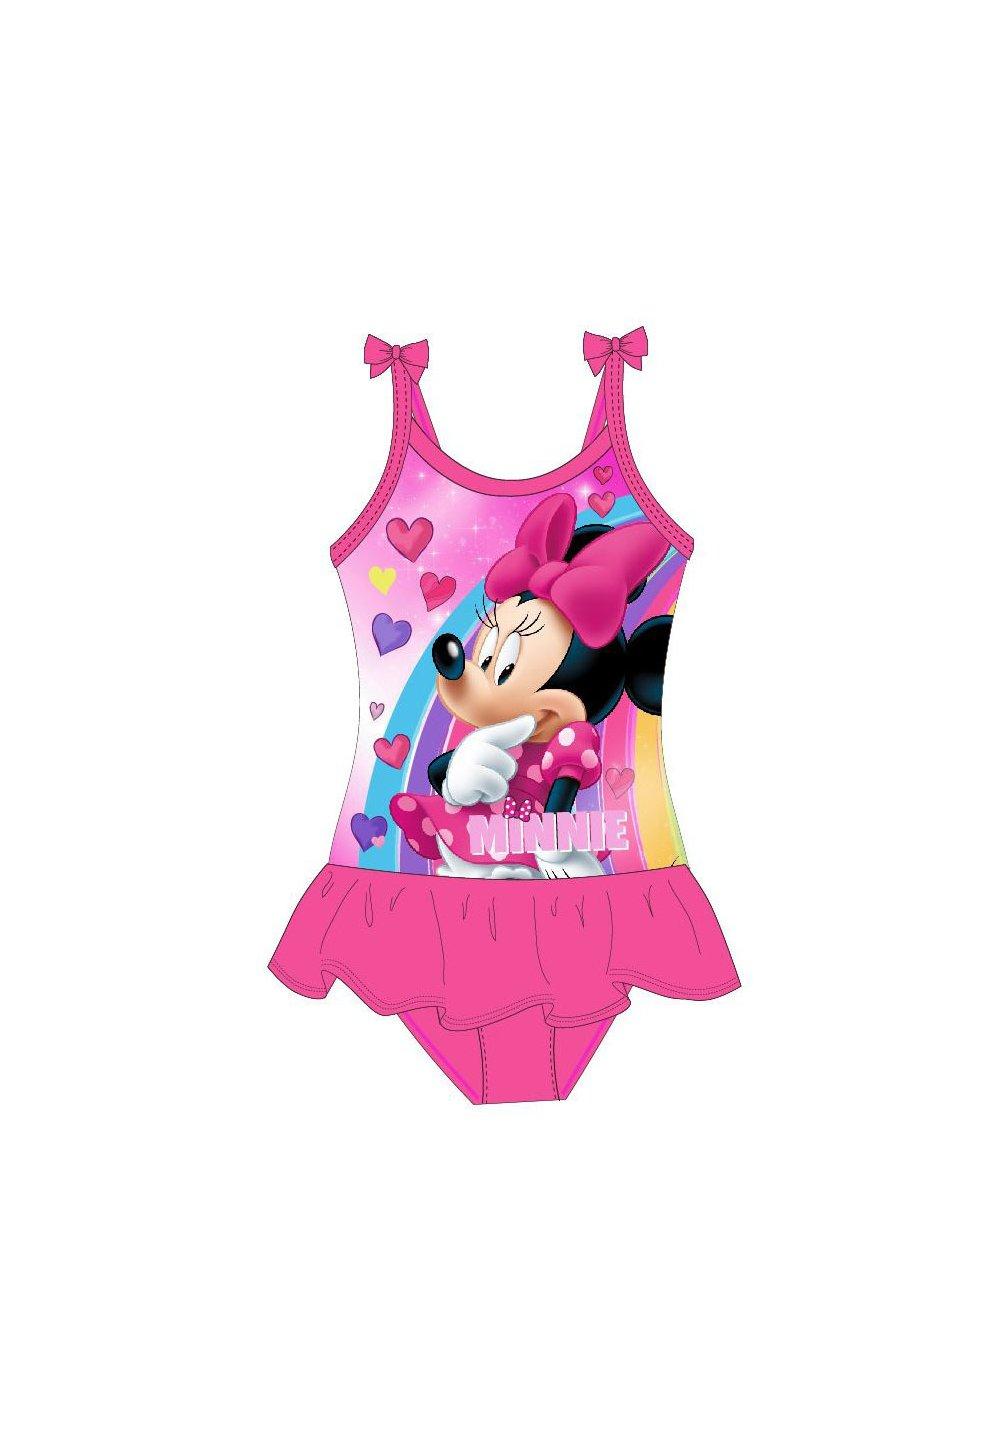 Costum de baie, intreg, Minnie, roz cu inimioare imagine